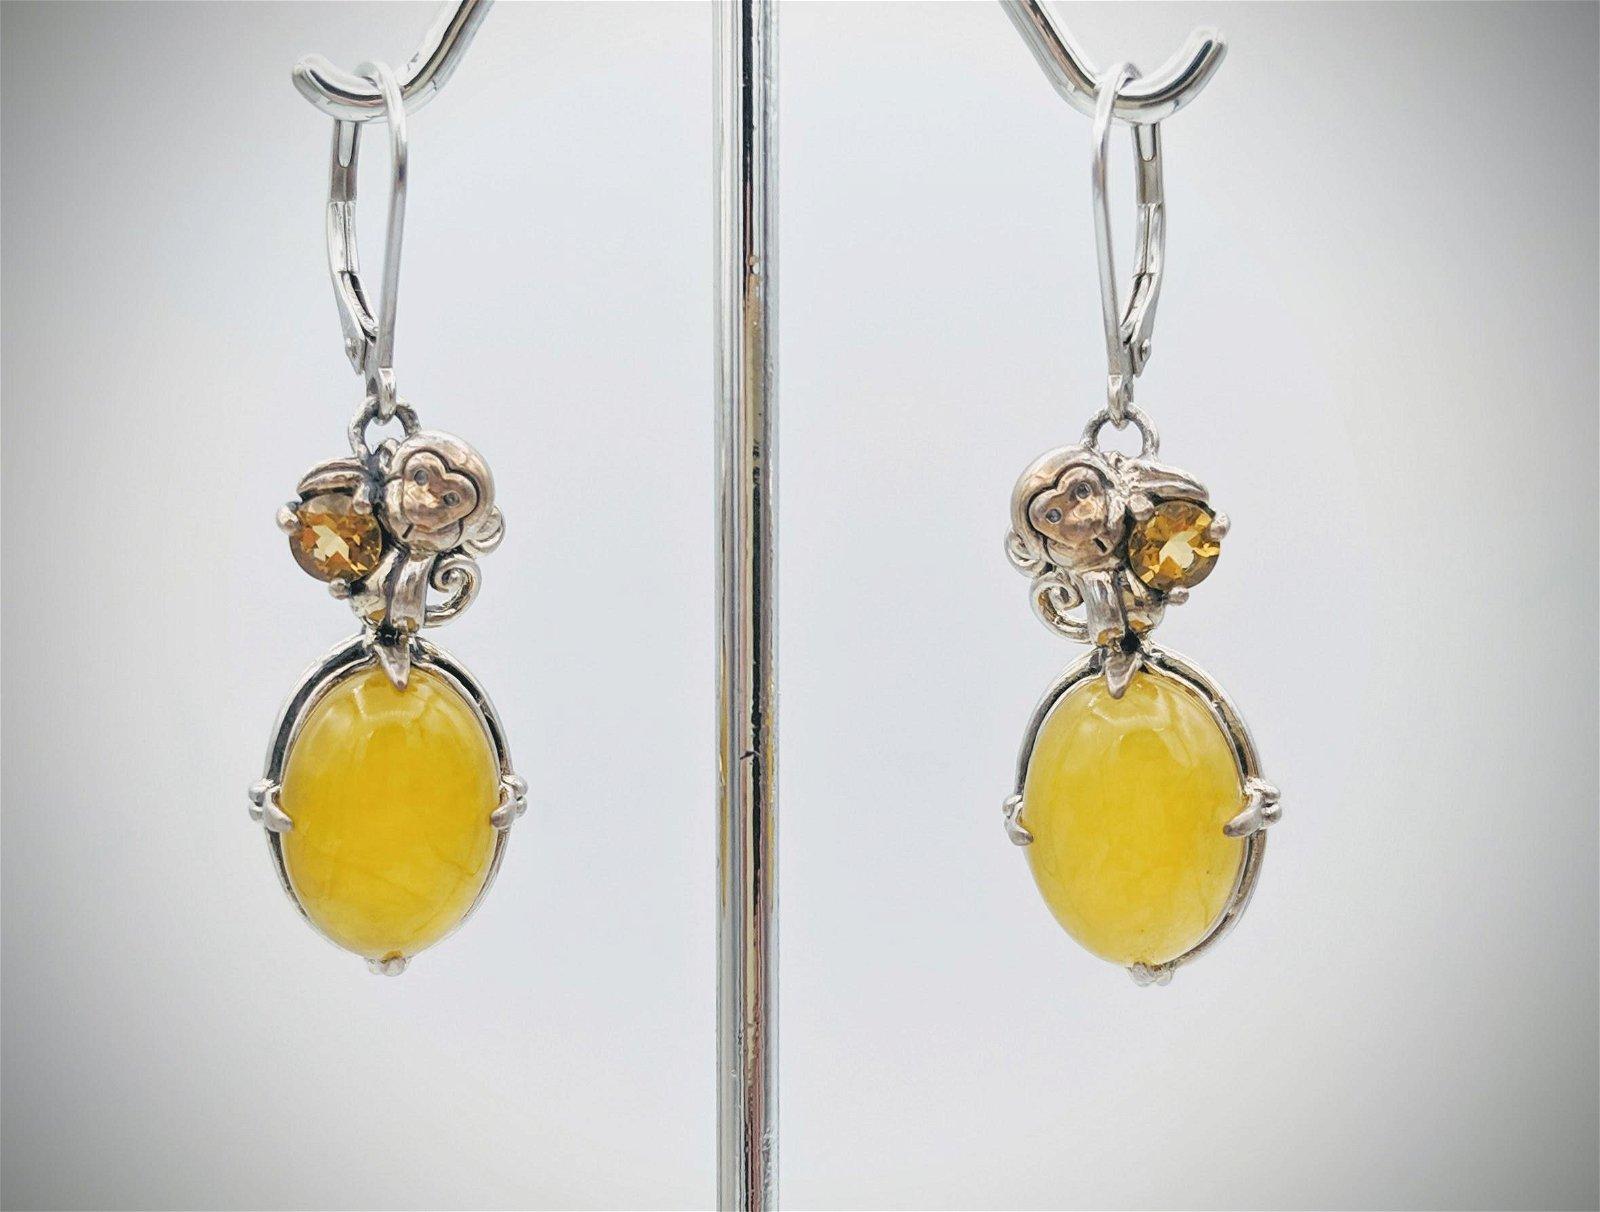 925 SS Monkey Designed Earrings w Yellow Jade & Golden